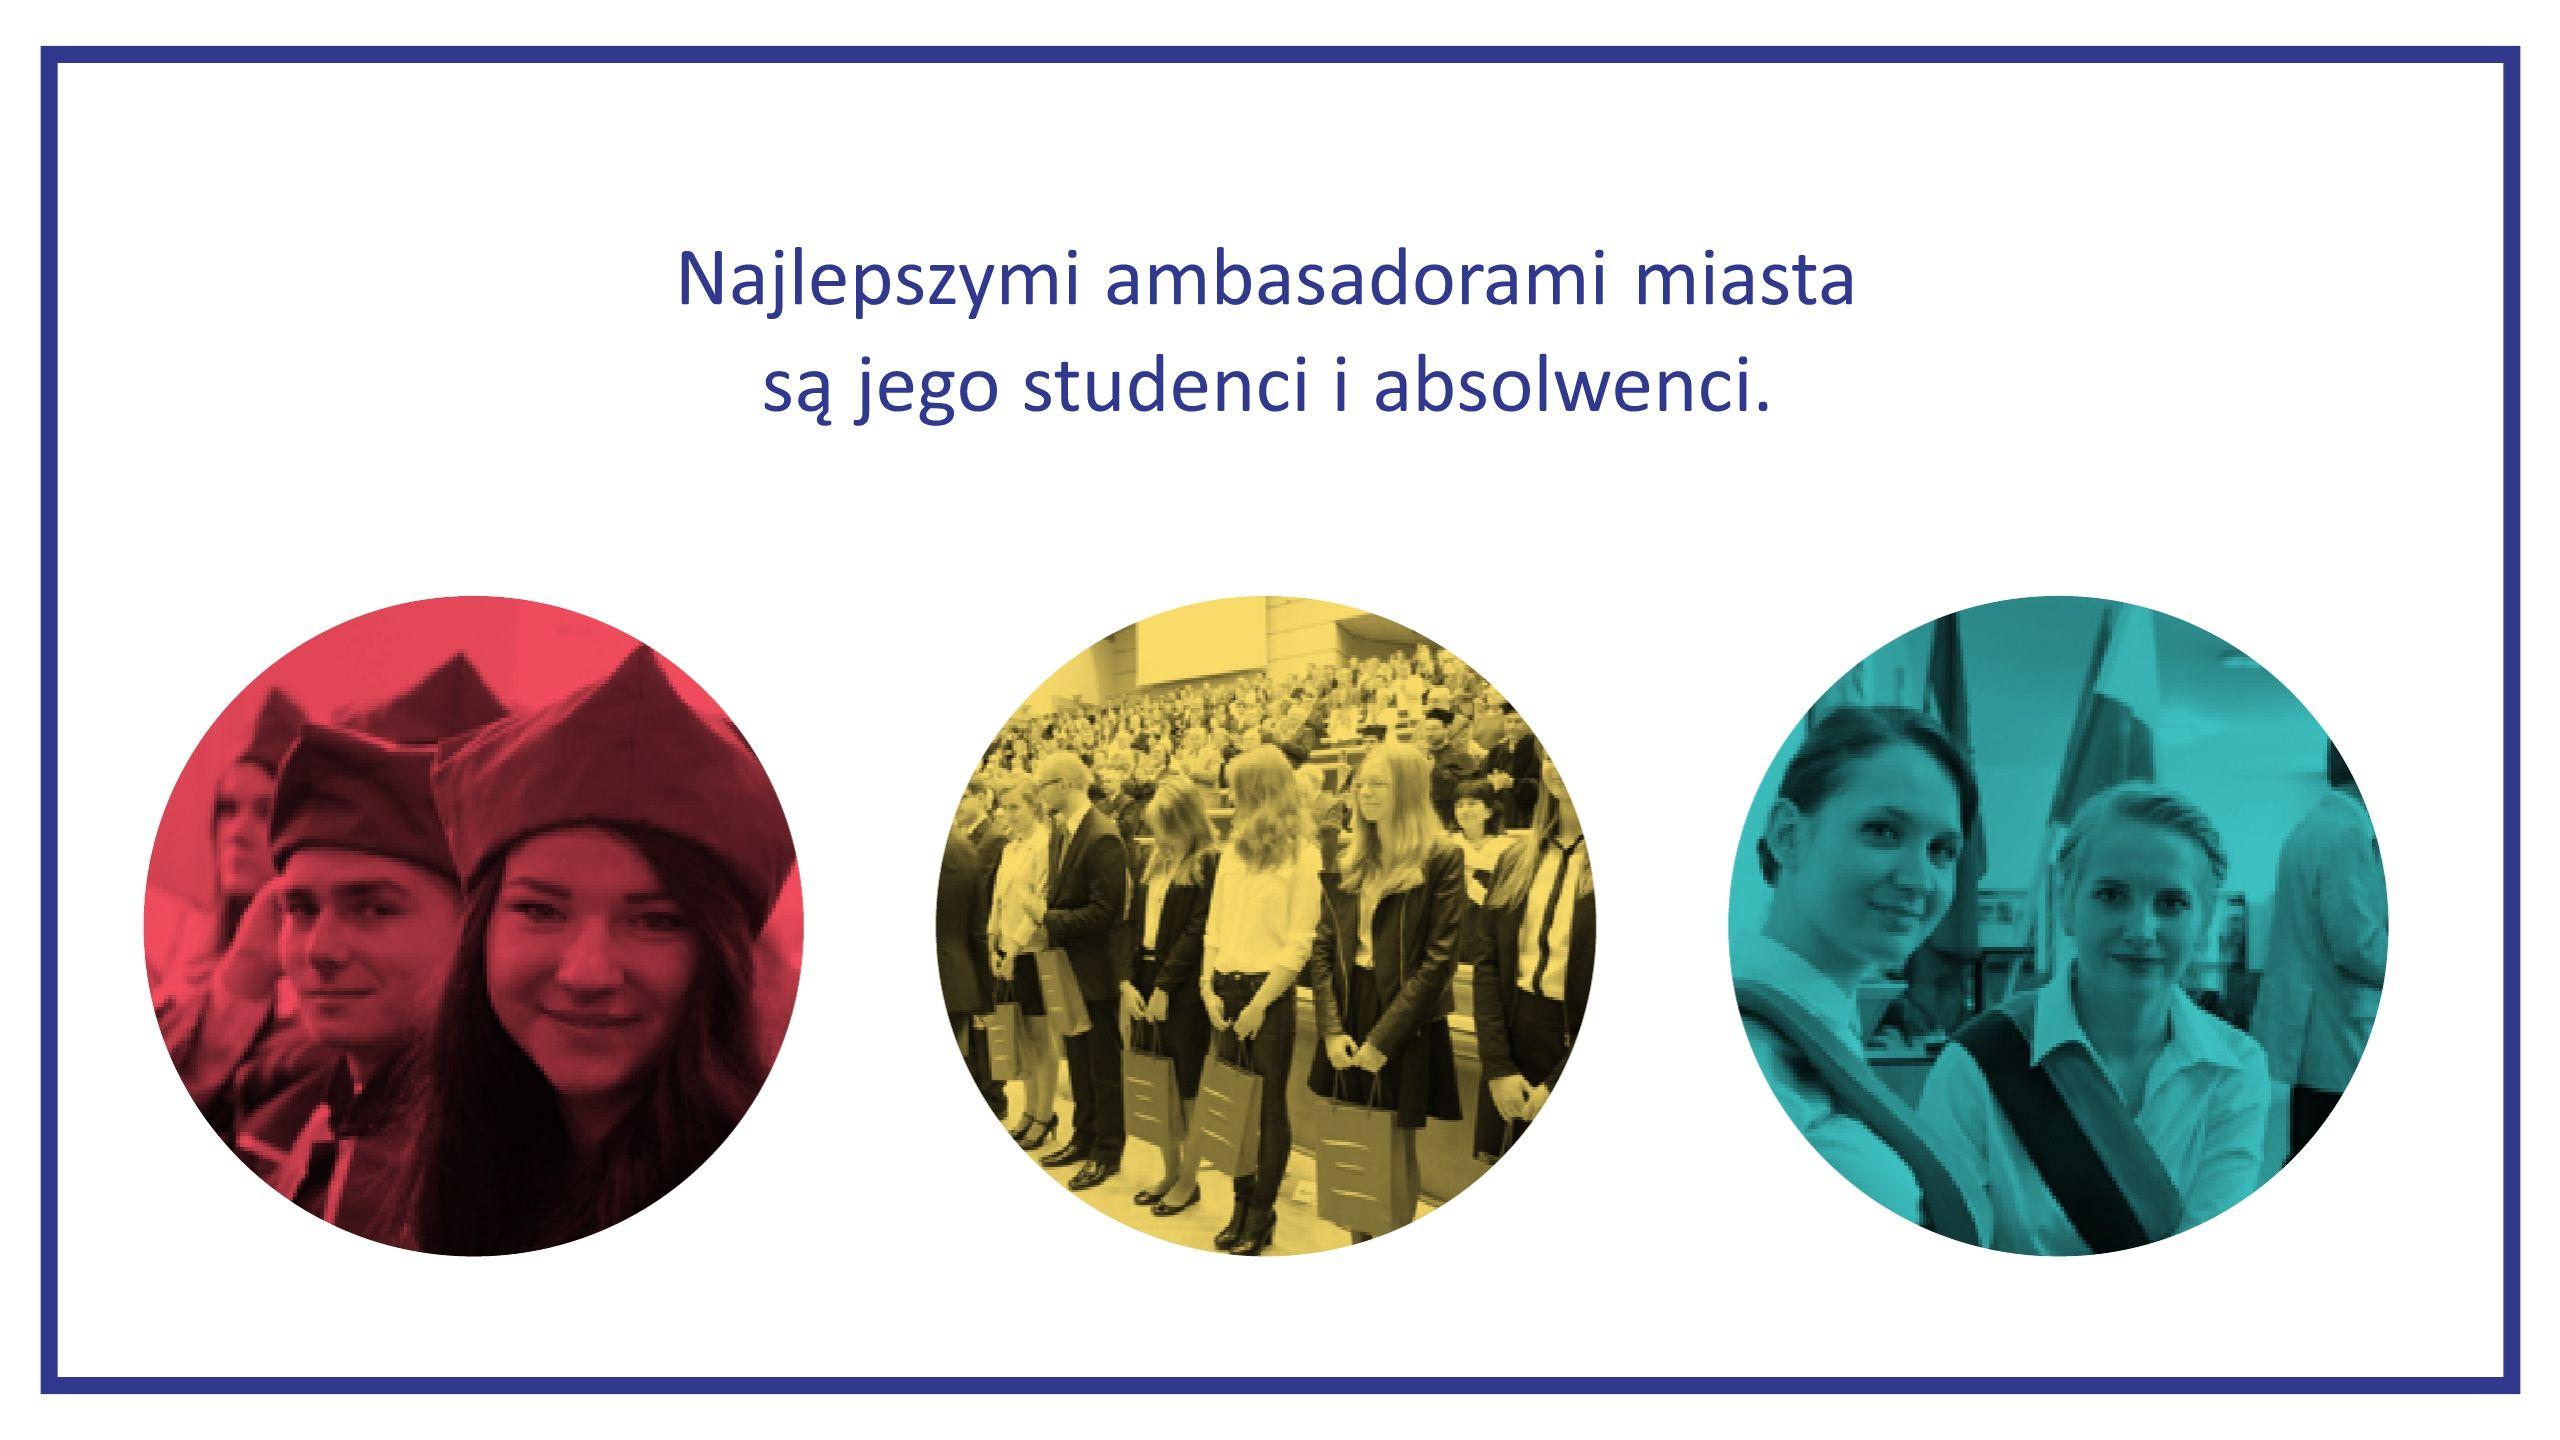 """Gdańsk od 2 lat współpracuje z uczelniami wyższymi w ramach projektu """"Study in Gdansk , mającym na celu przyciąganie do miasta nowych studentów, w tym studentów zagranicznych."""